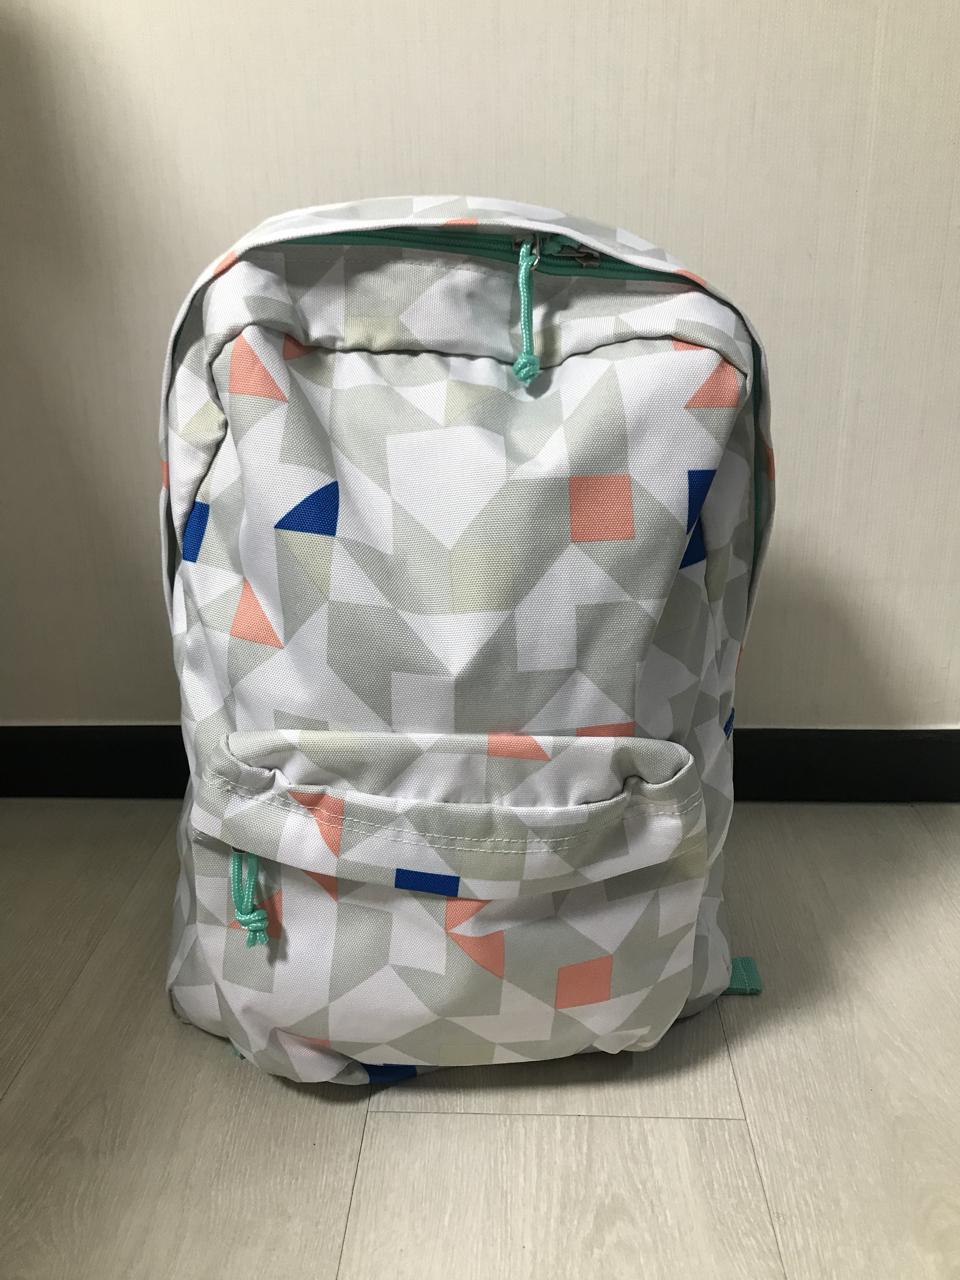 탑텐 백팩 가방 판매해요!